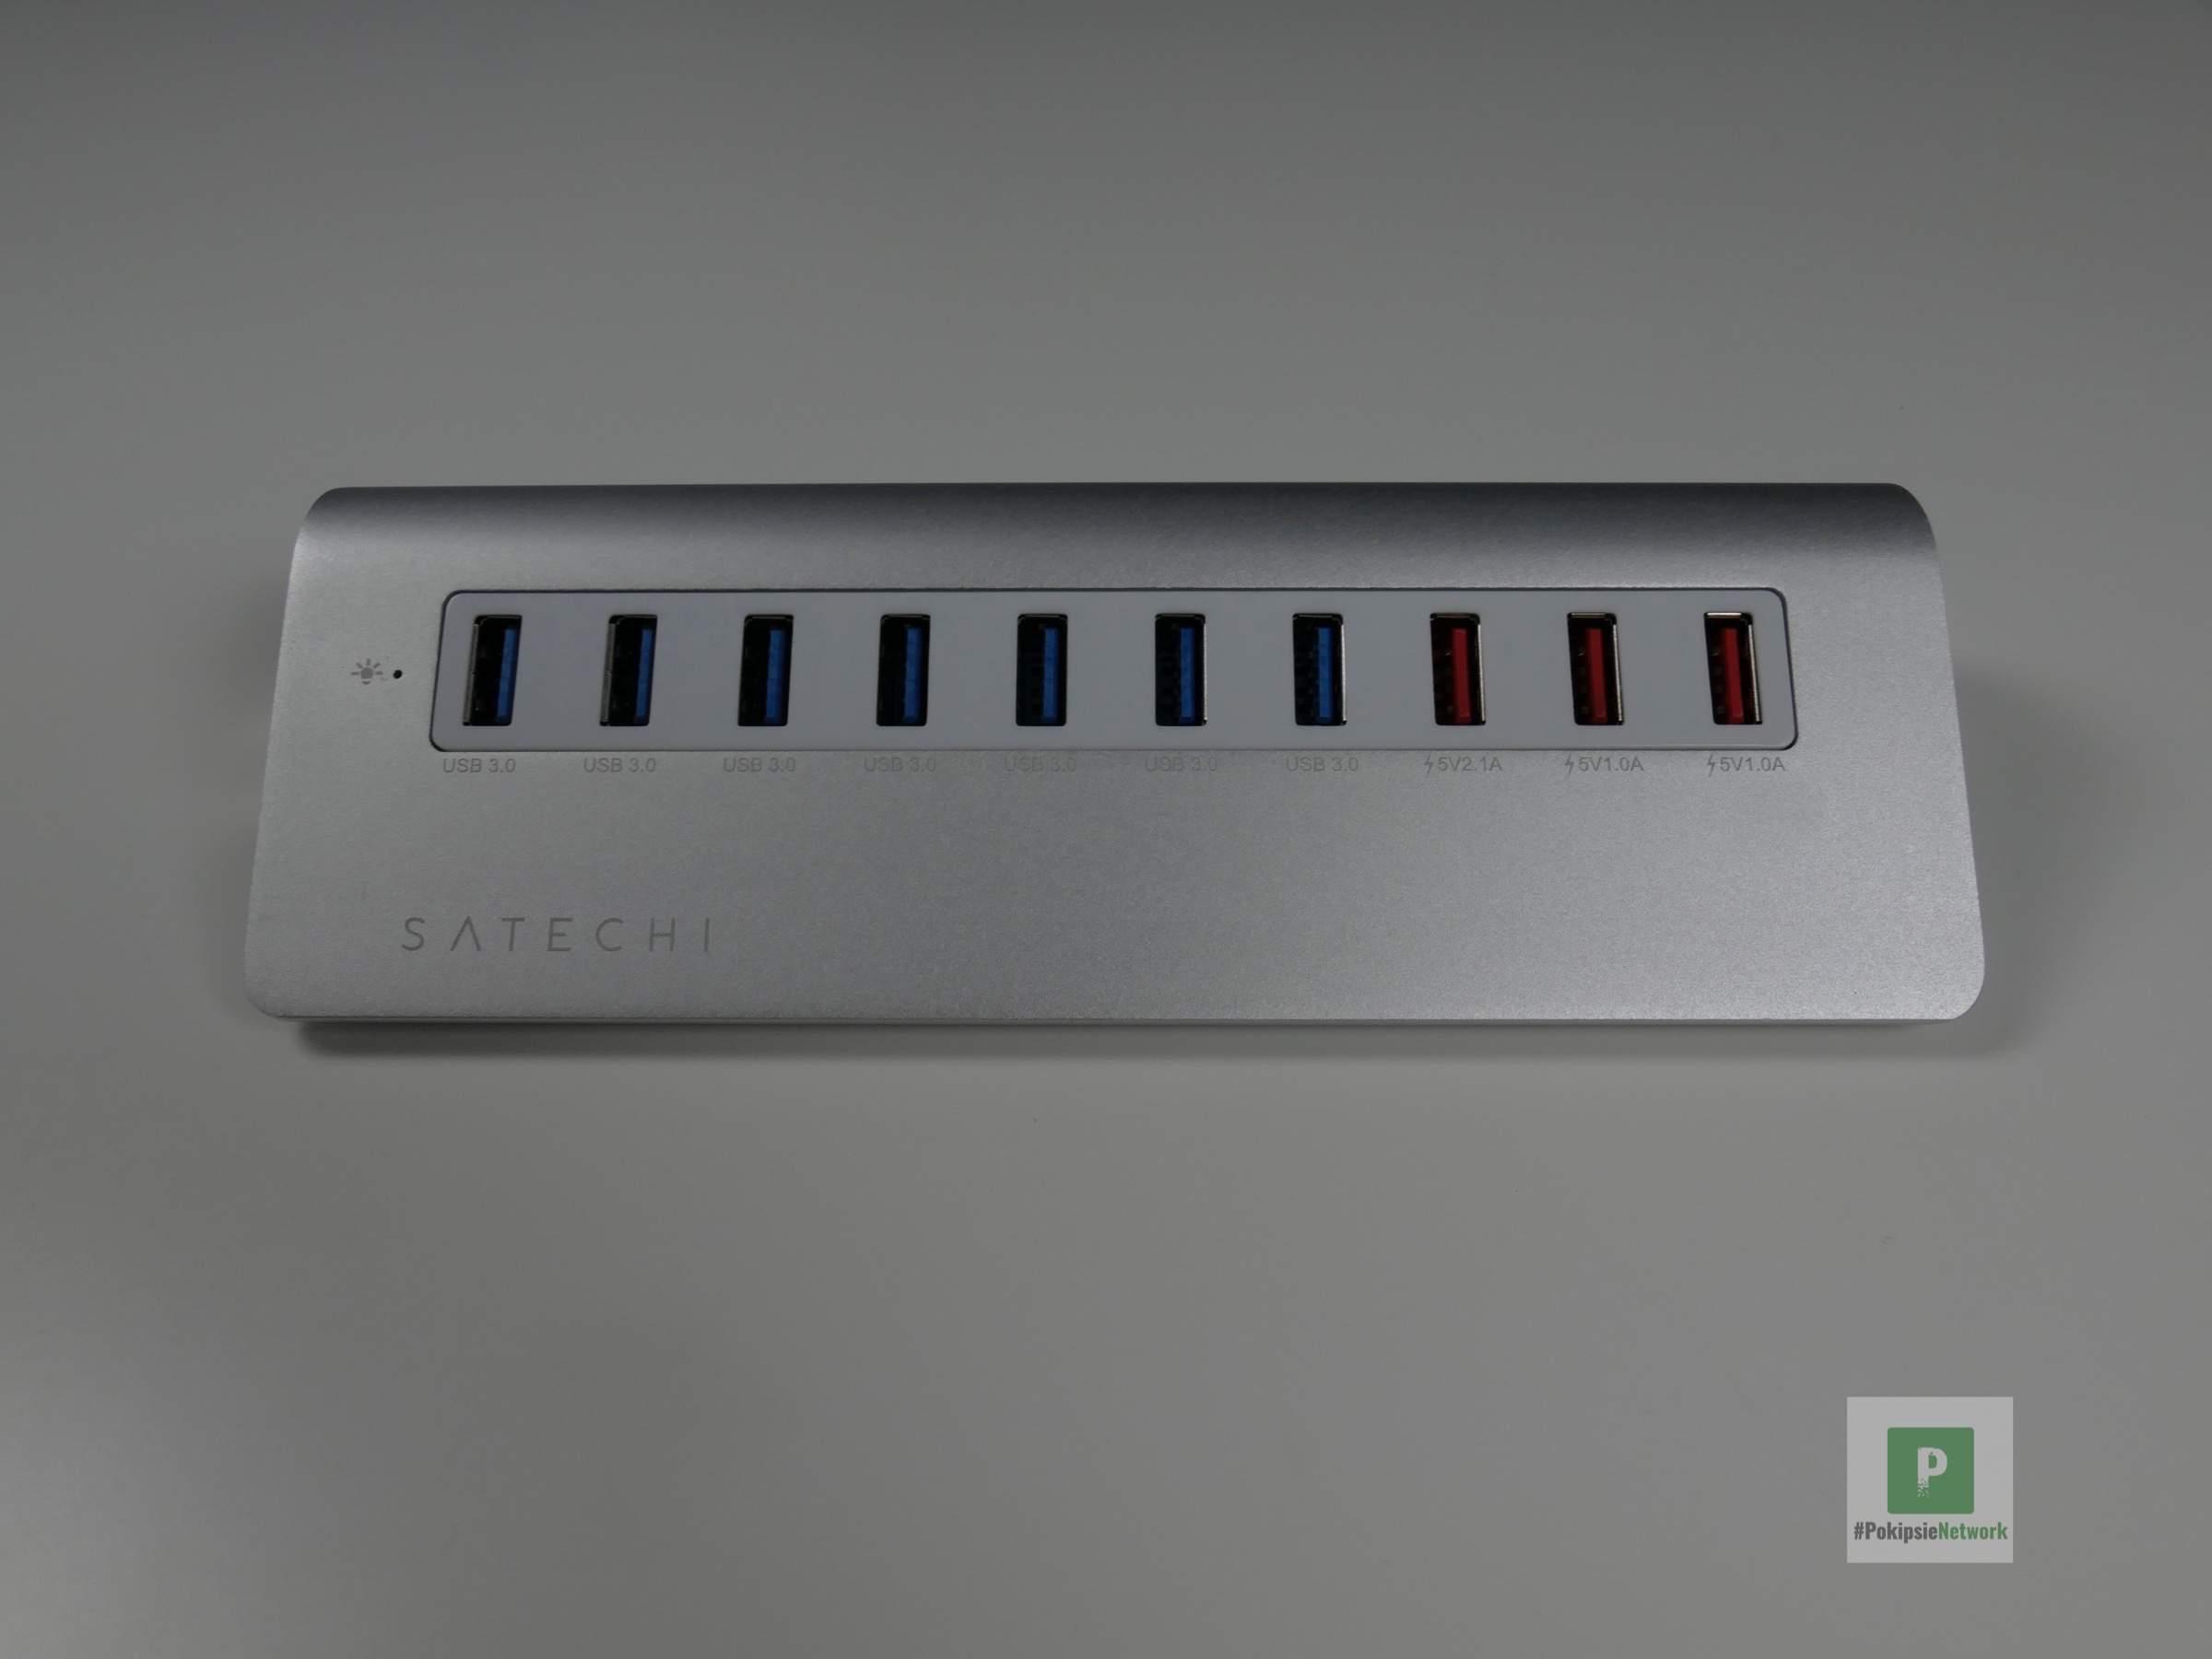 Die sieben USB-Ports und drei Ladestationen